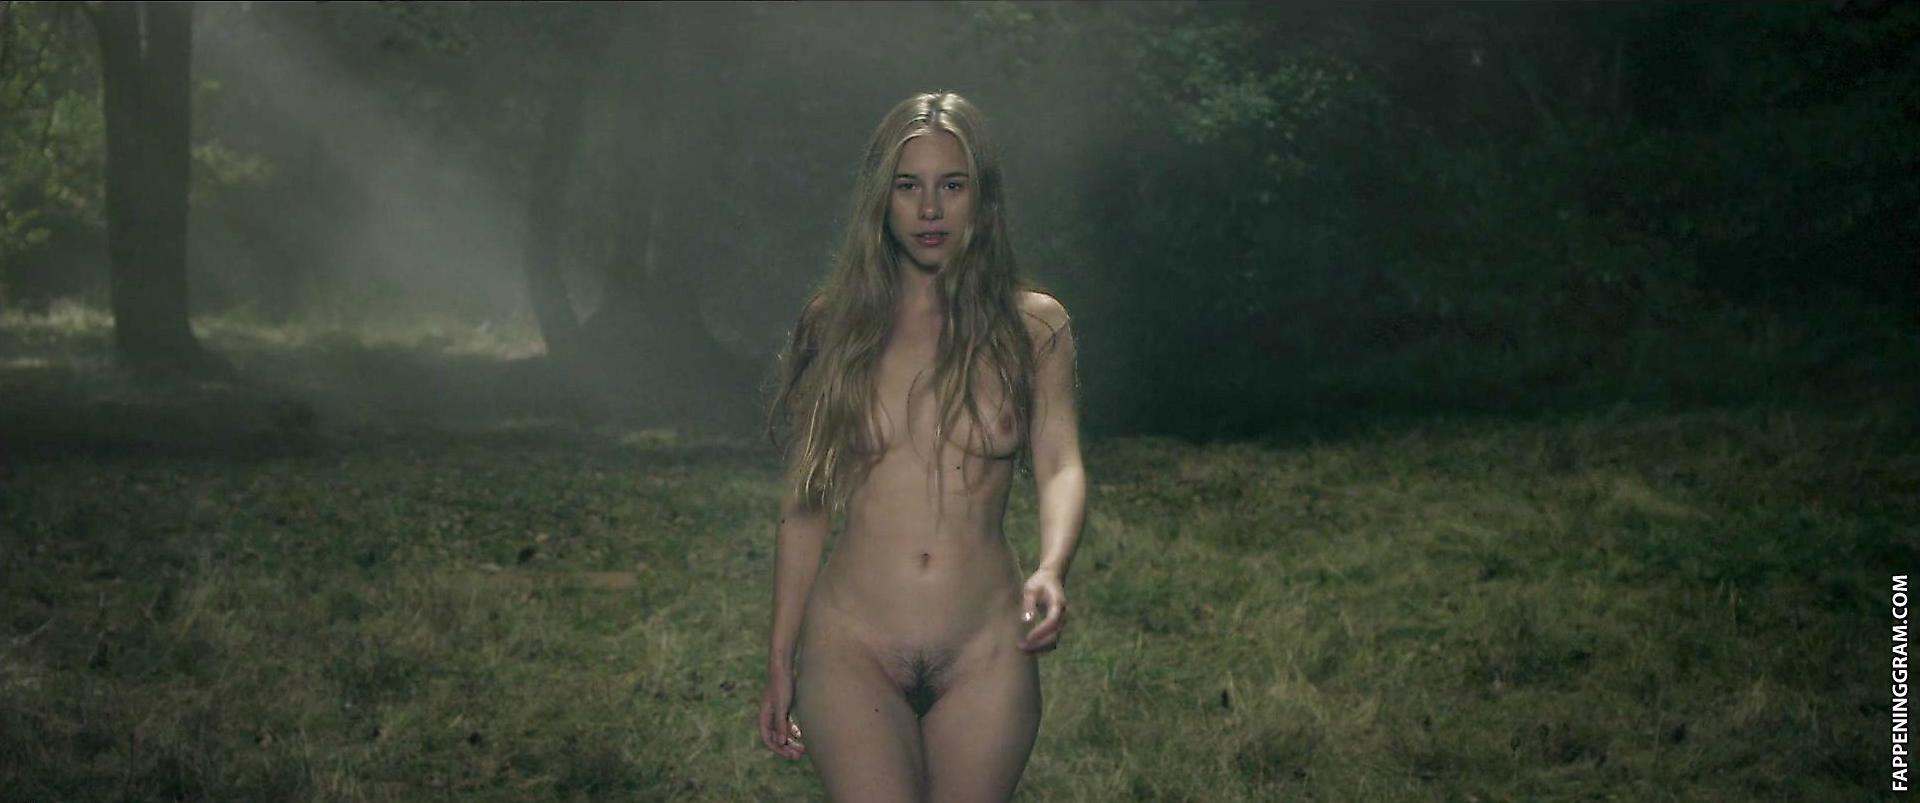 Emma Mackey Nude